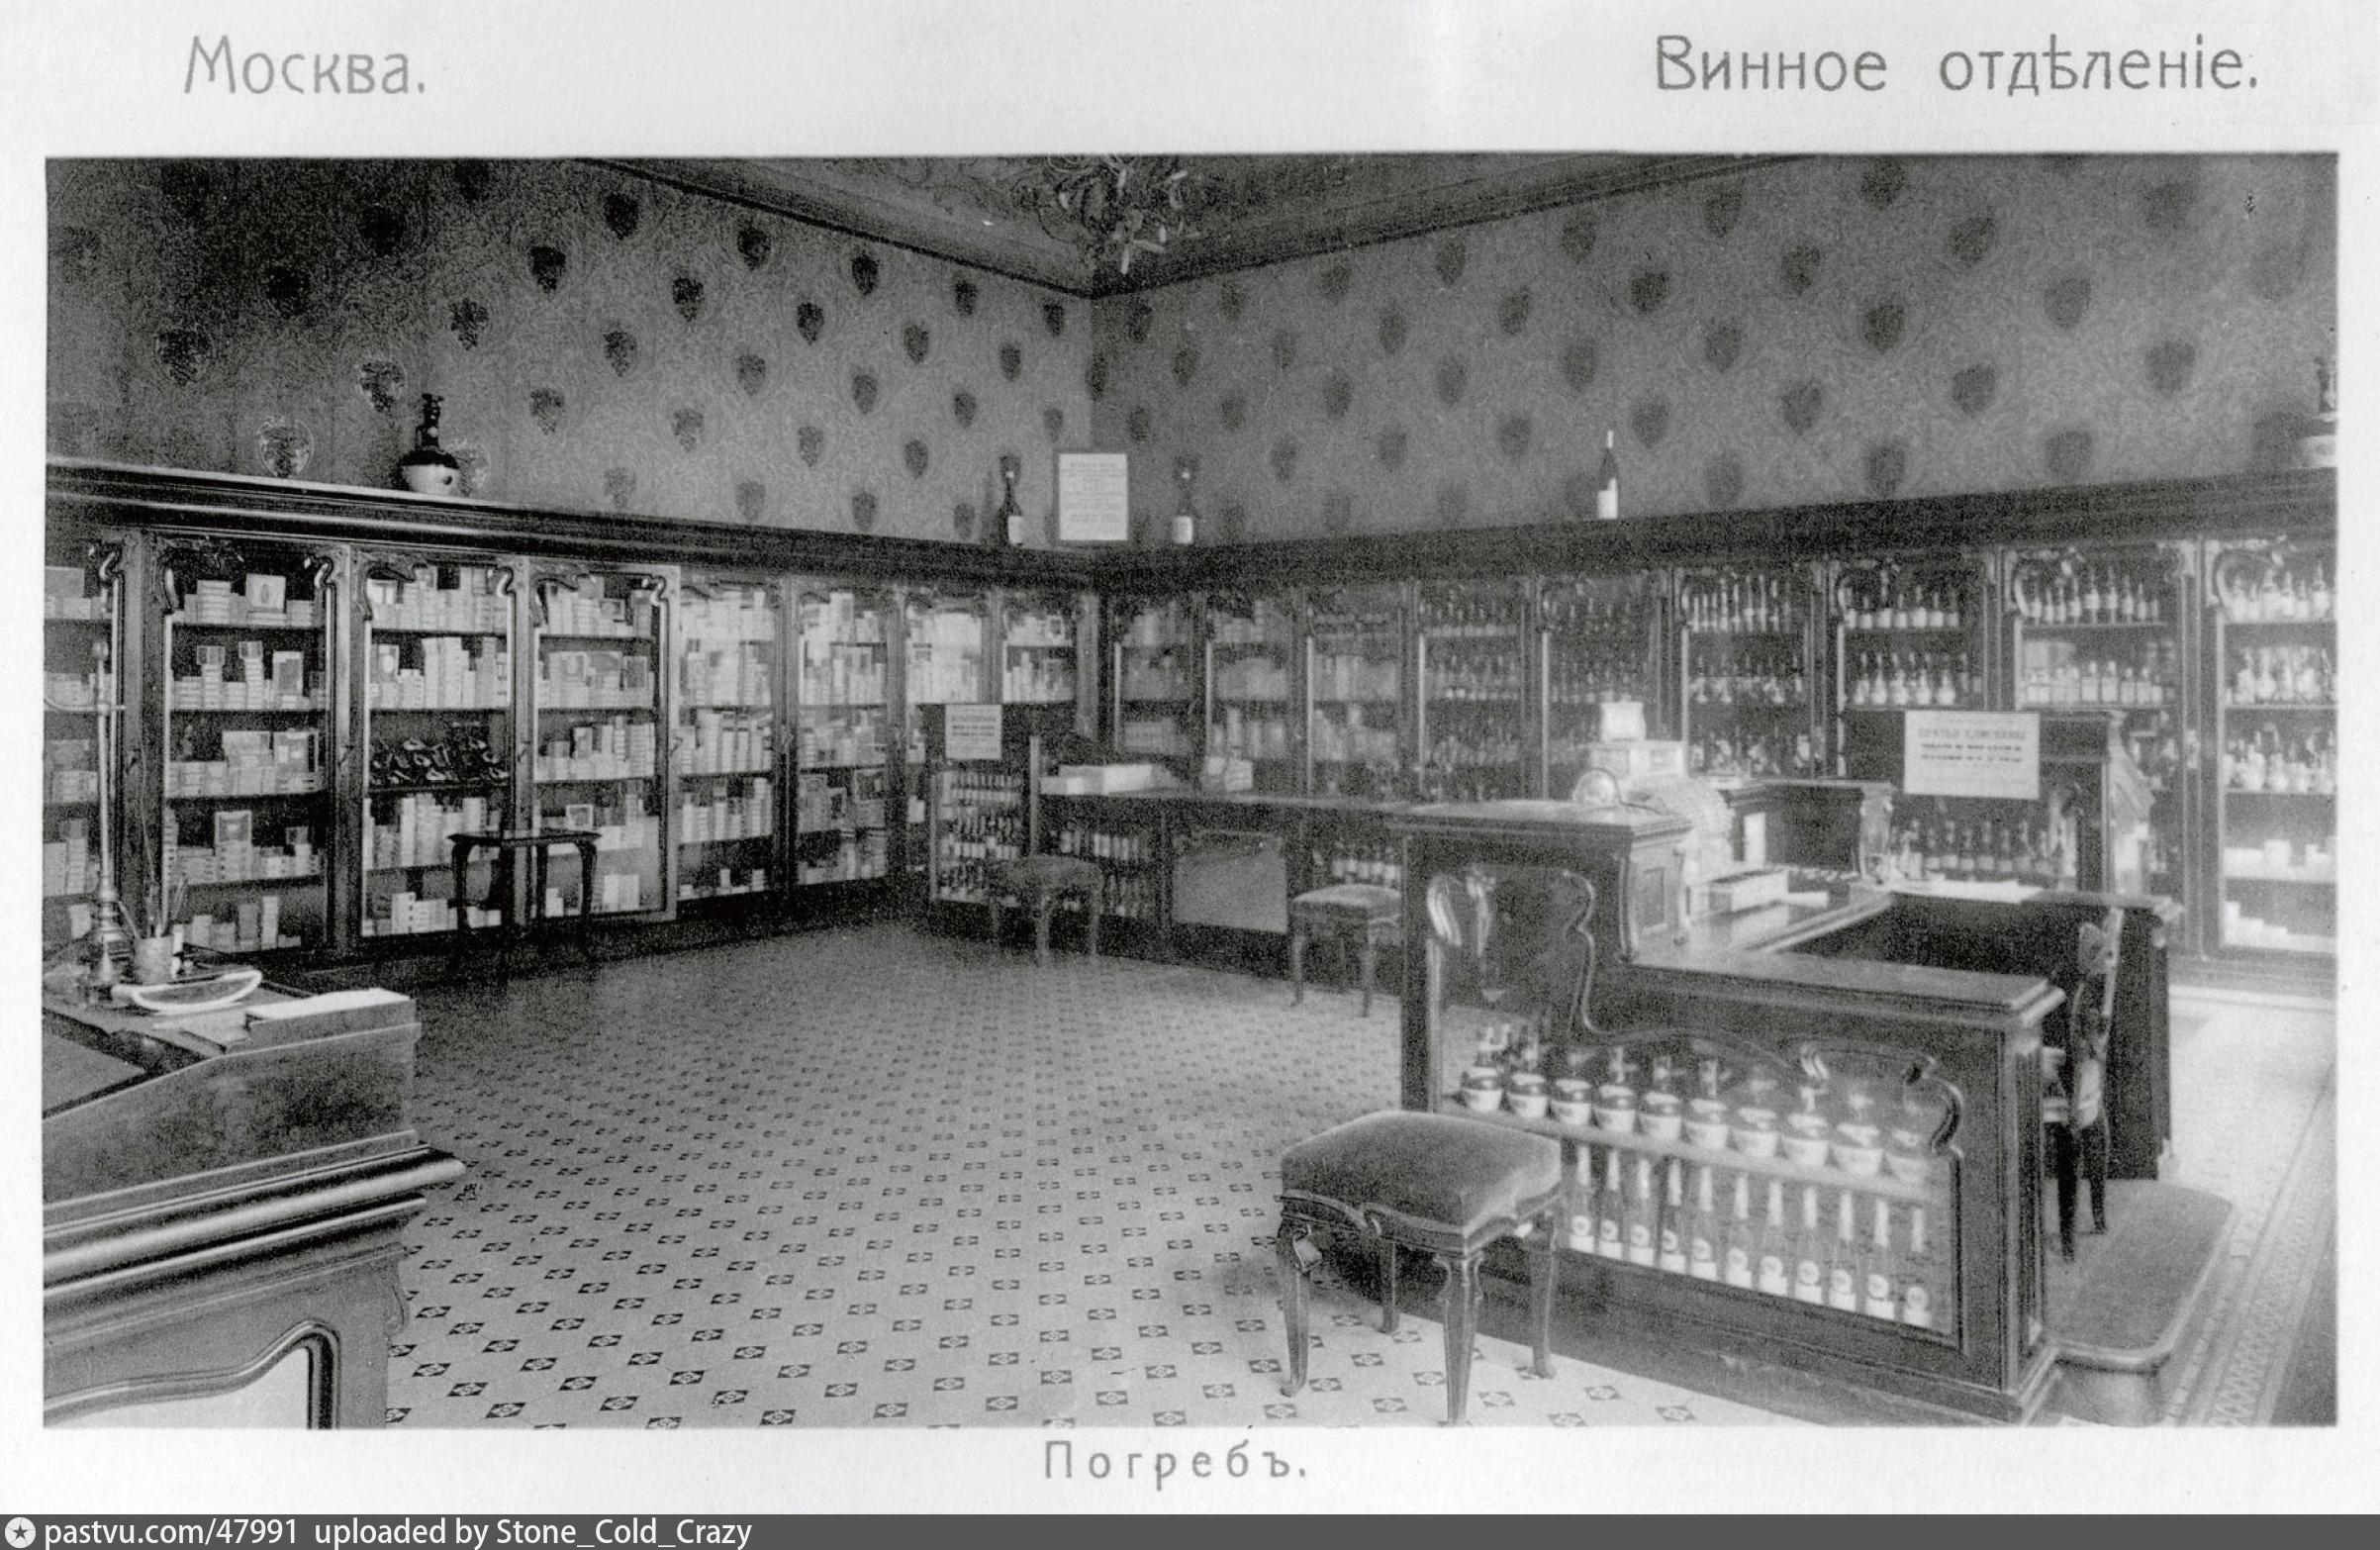 Фото 1910 – 1913гг. Торговый дом Елисеевых. Винное отделение. Погреб.